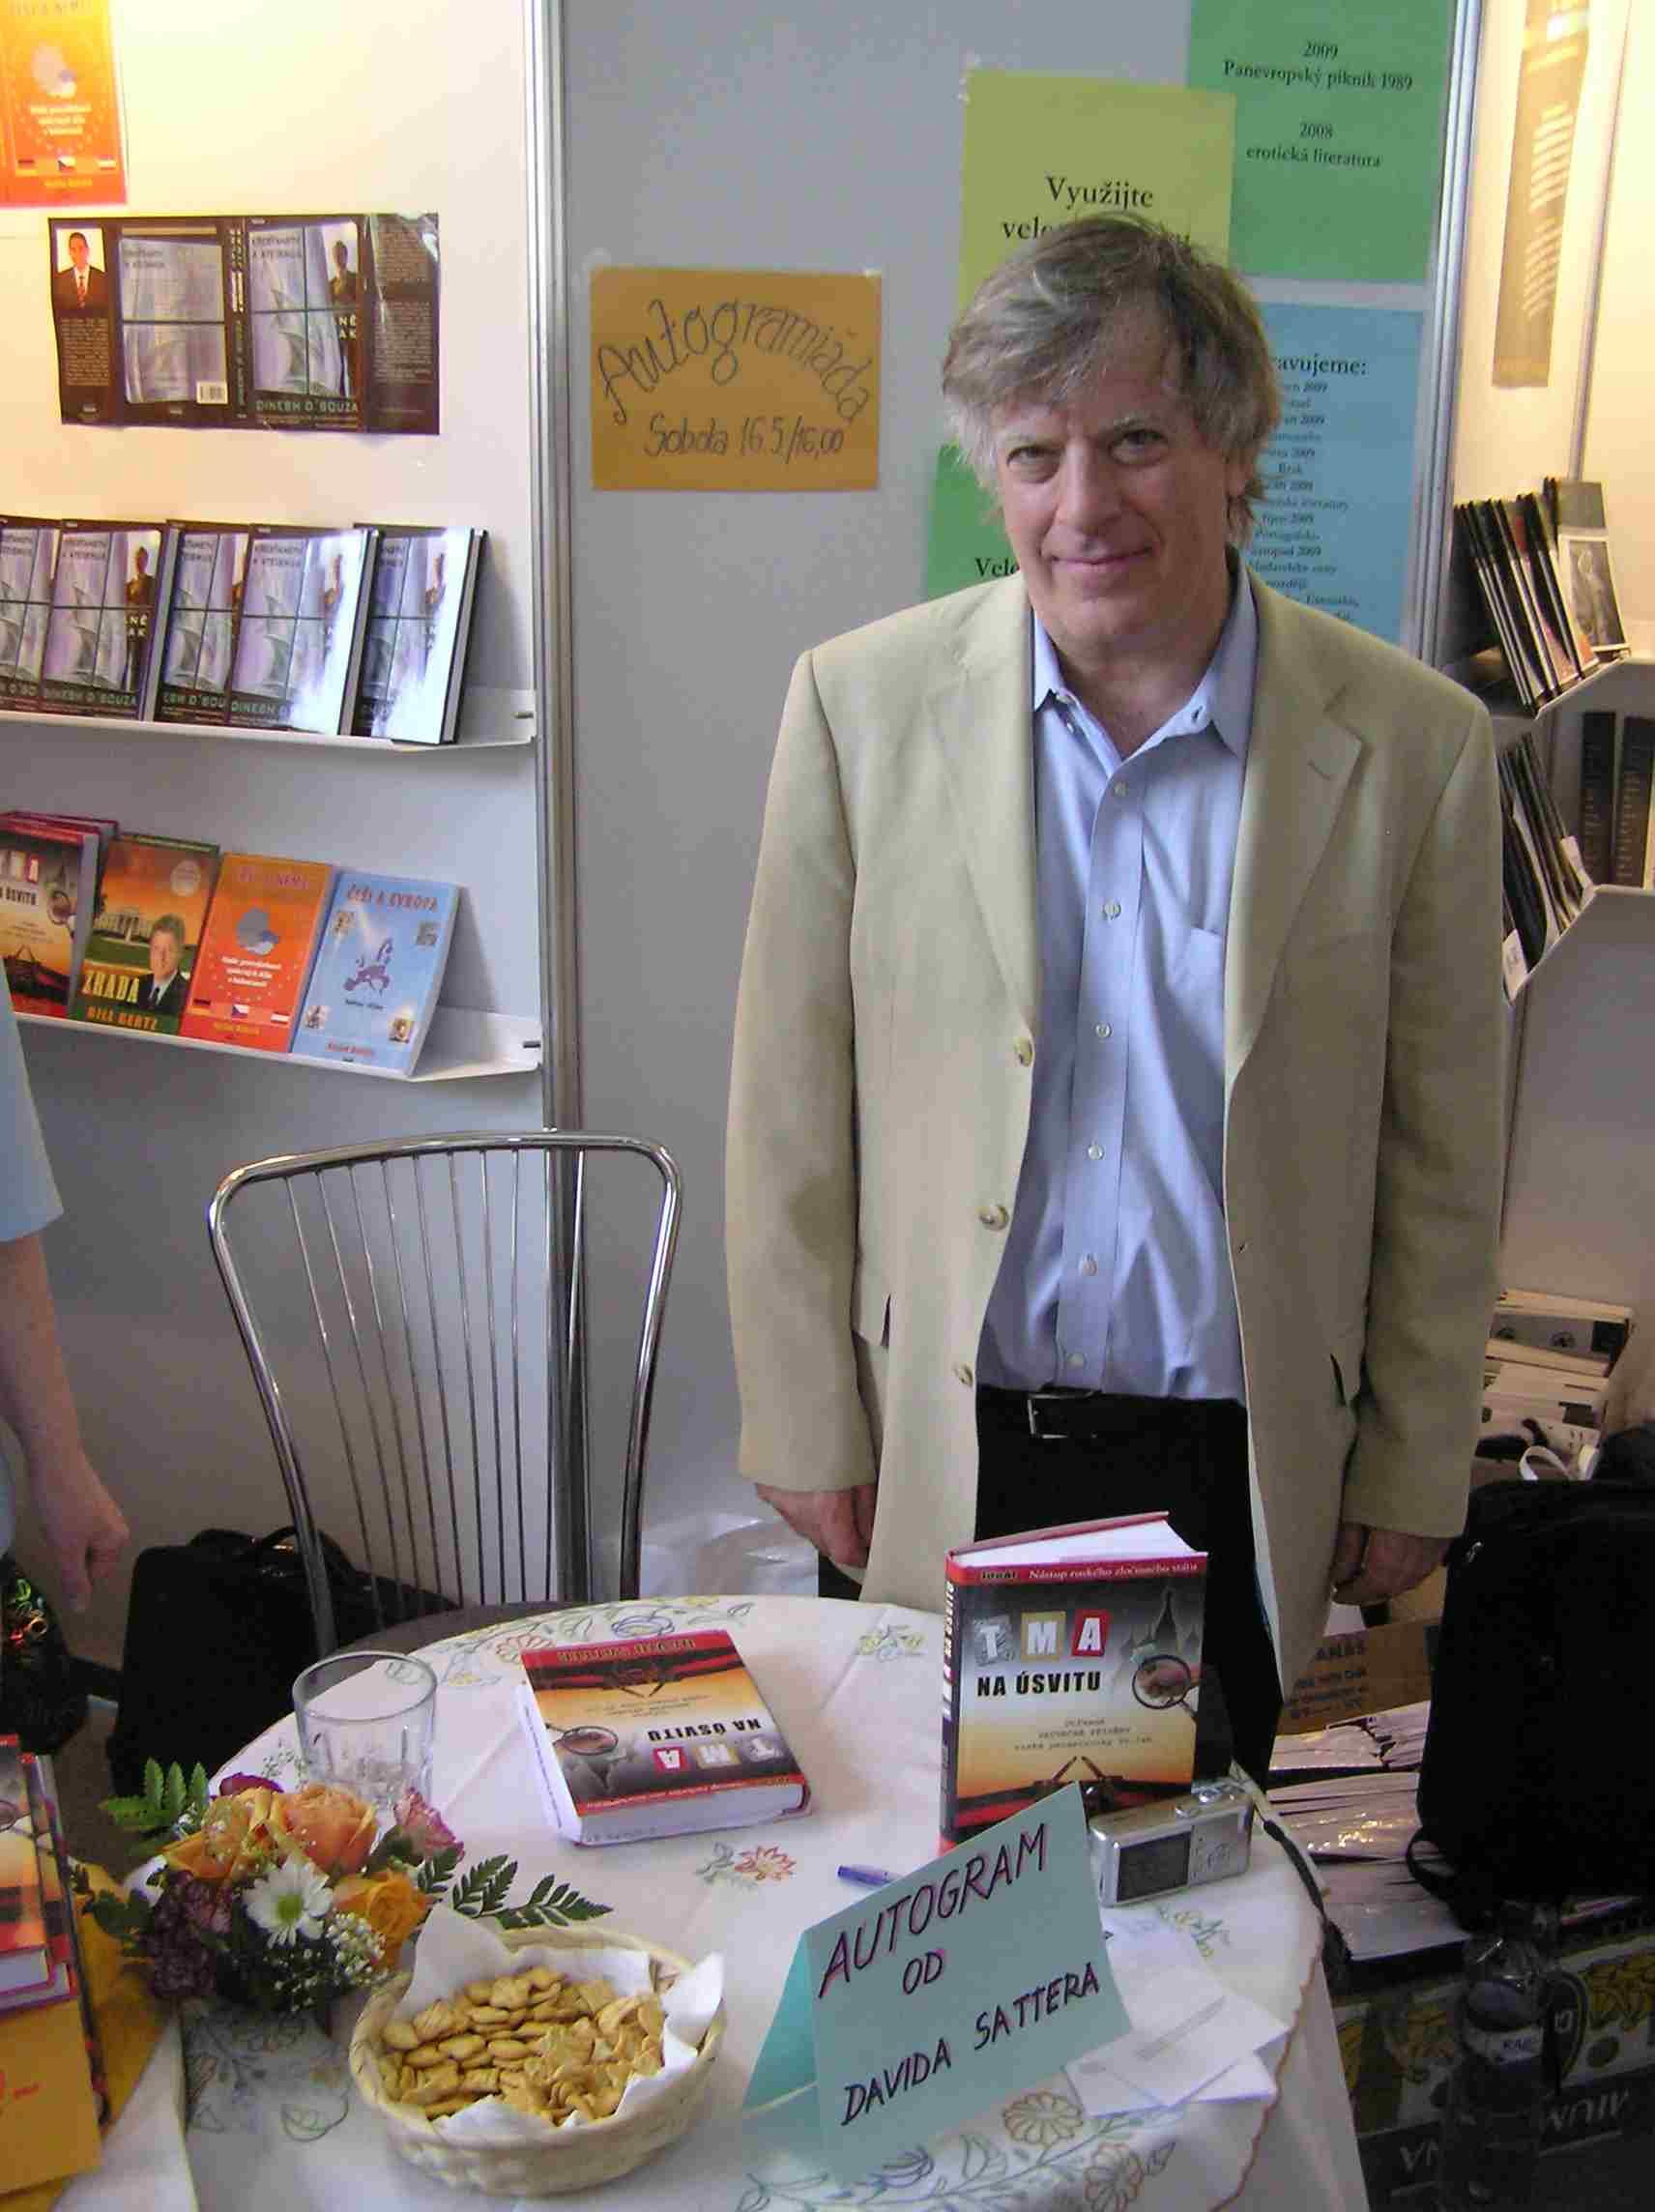 Obr. 15: David Satter, uvádějící svoji knihu Tma na úsvitu : nástup ruského zločinného státu